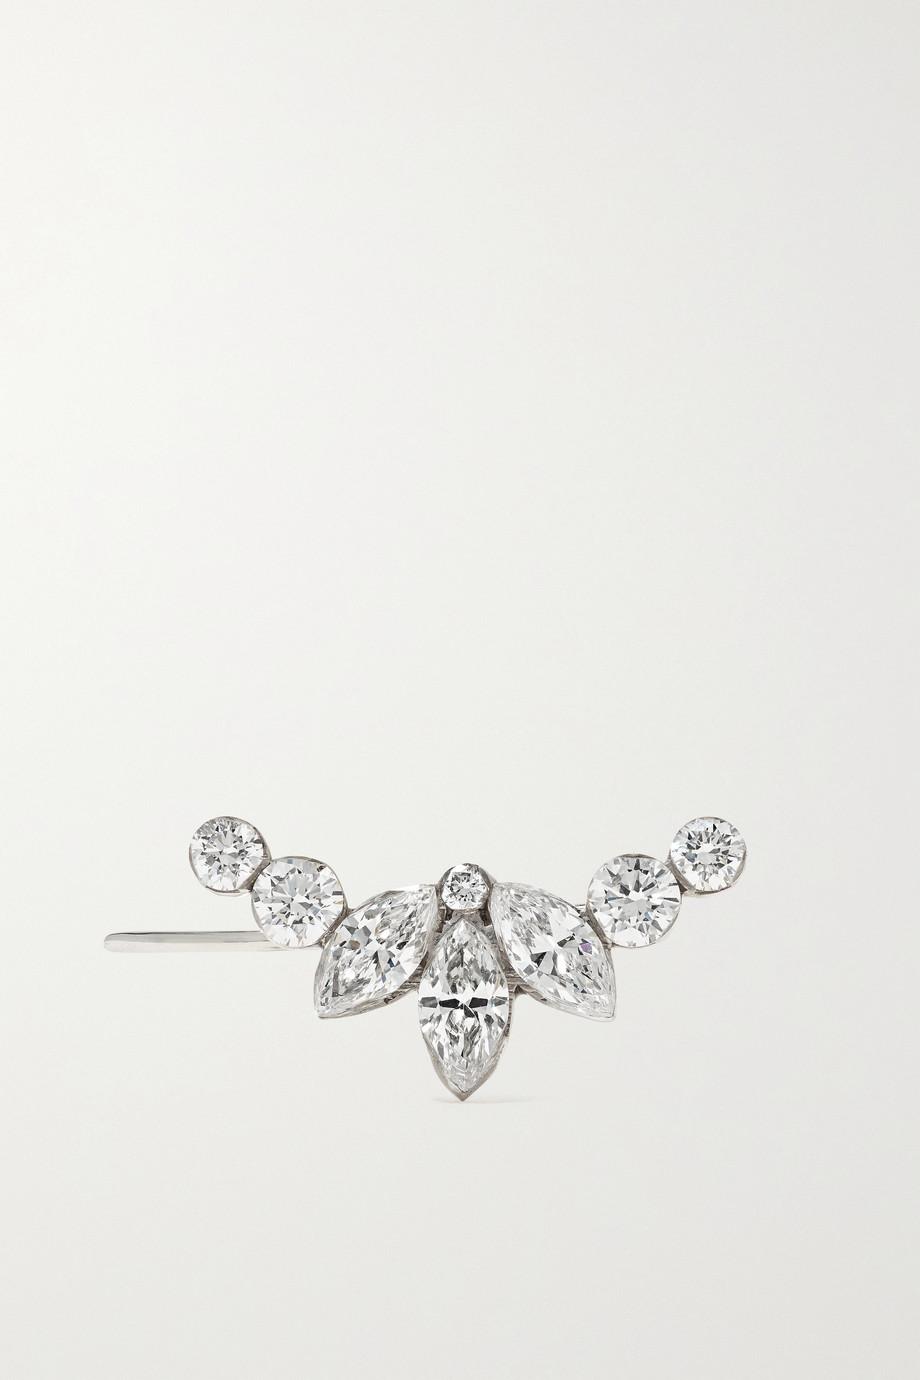 Maria Tash Lotus Garland 18-karat white gold diamond earring